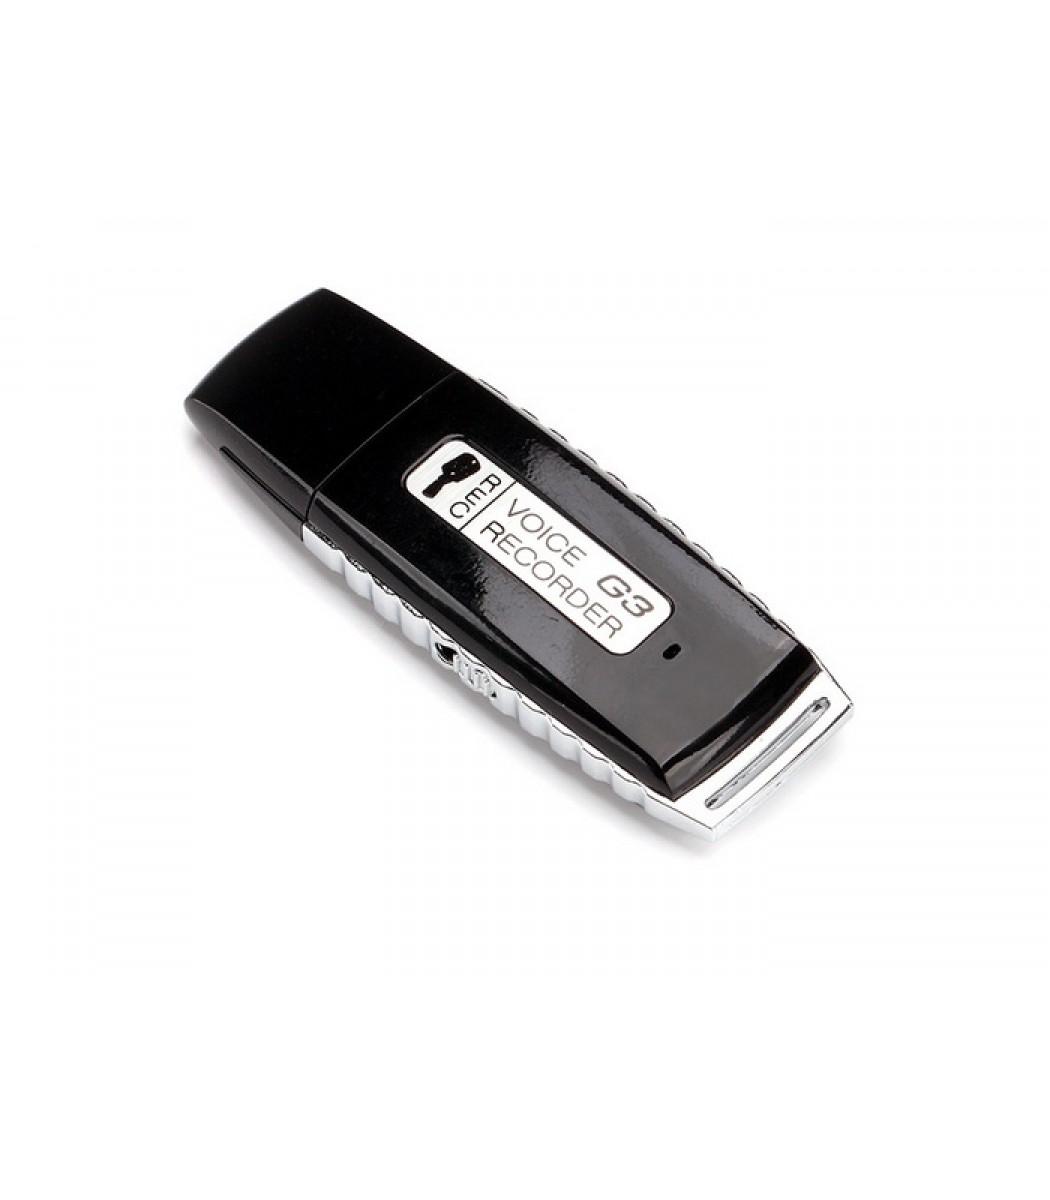 USB ghi âm G3 siêu lọc âm